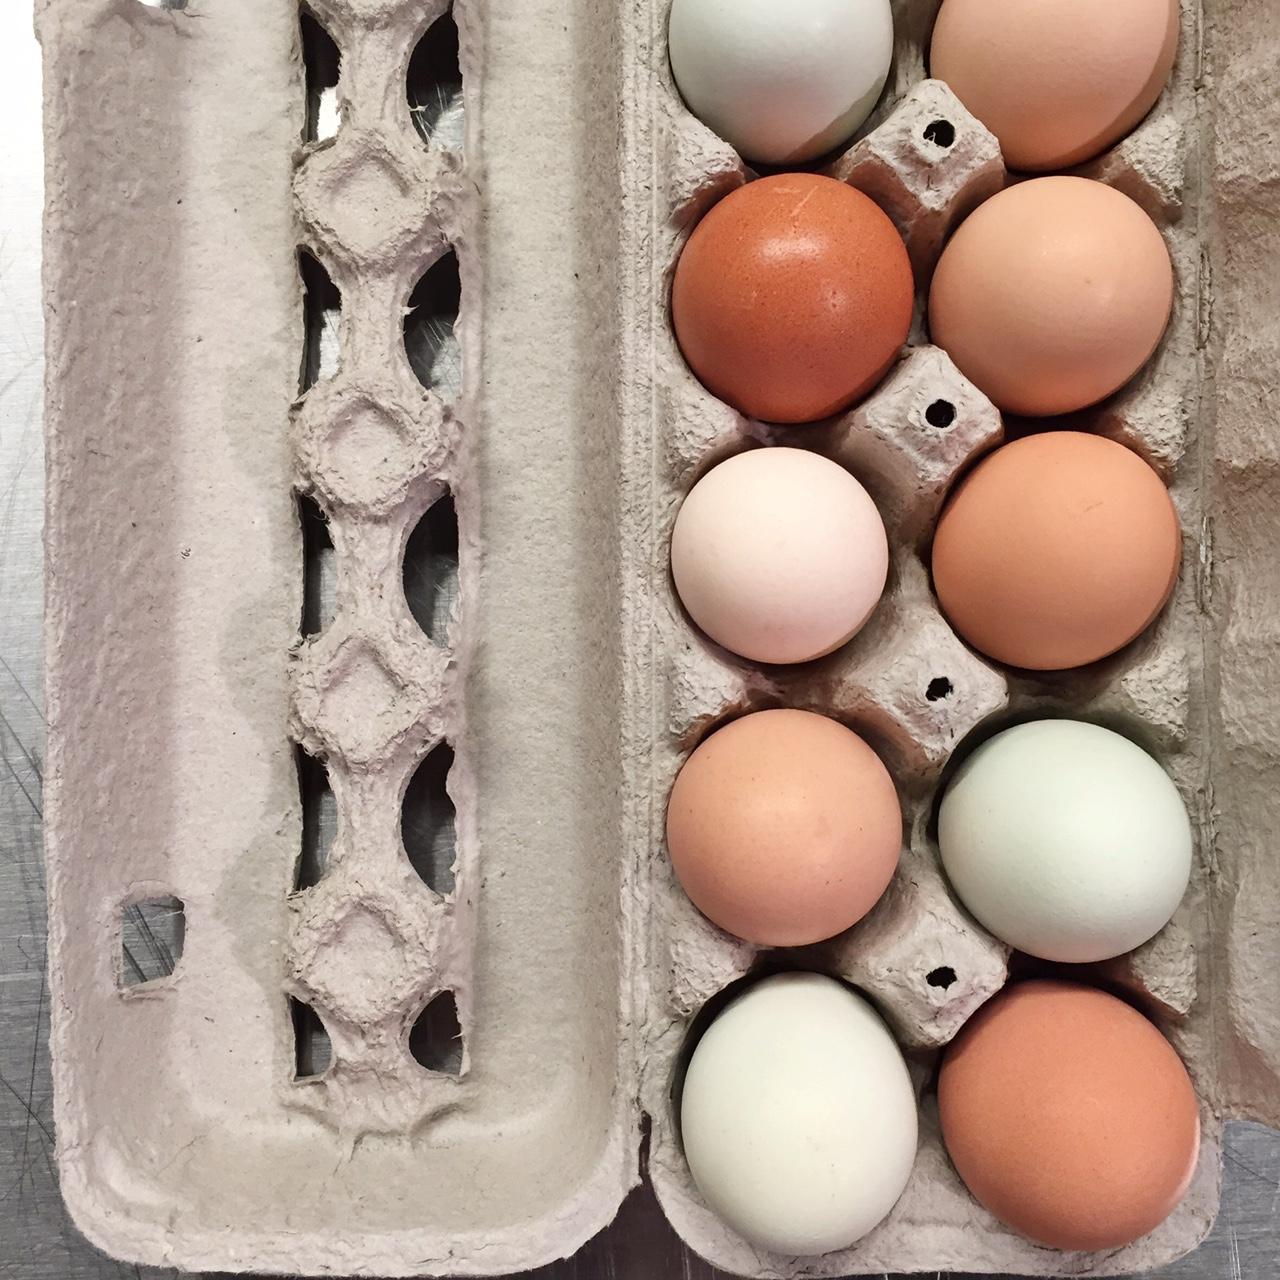 http://d2ludz0e4fcqol.cloudfront.net/wp-content/uploads/2015/04/Culinary-School-eggs.jpg